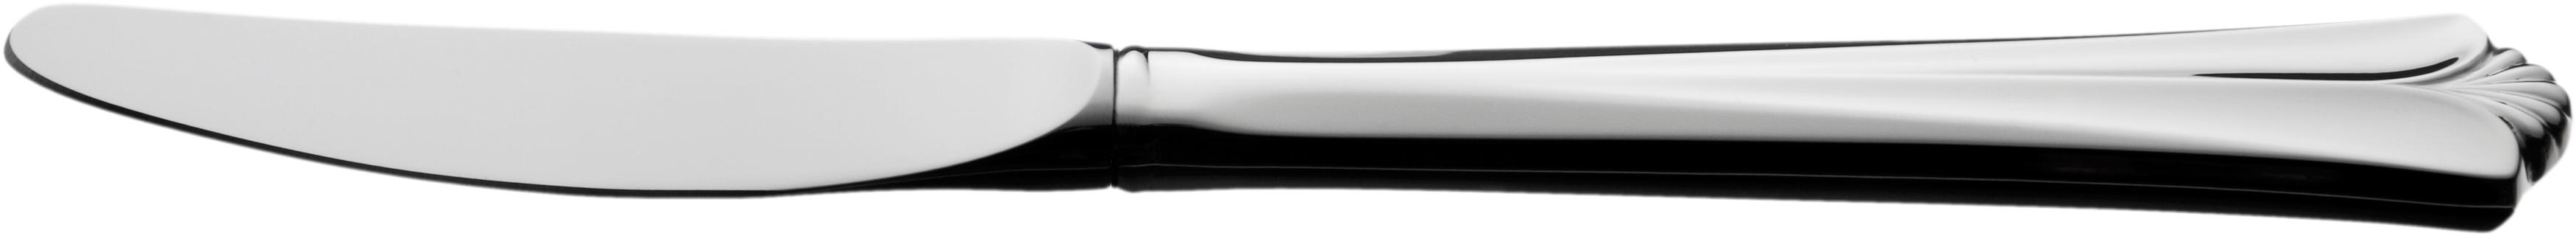 Liten spisekniv med langt skaft, Rådhus vifte sølvbestikk